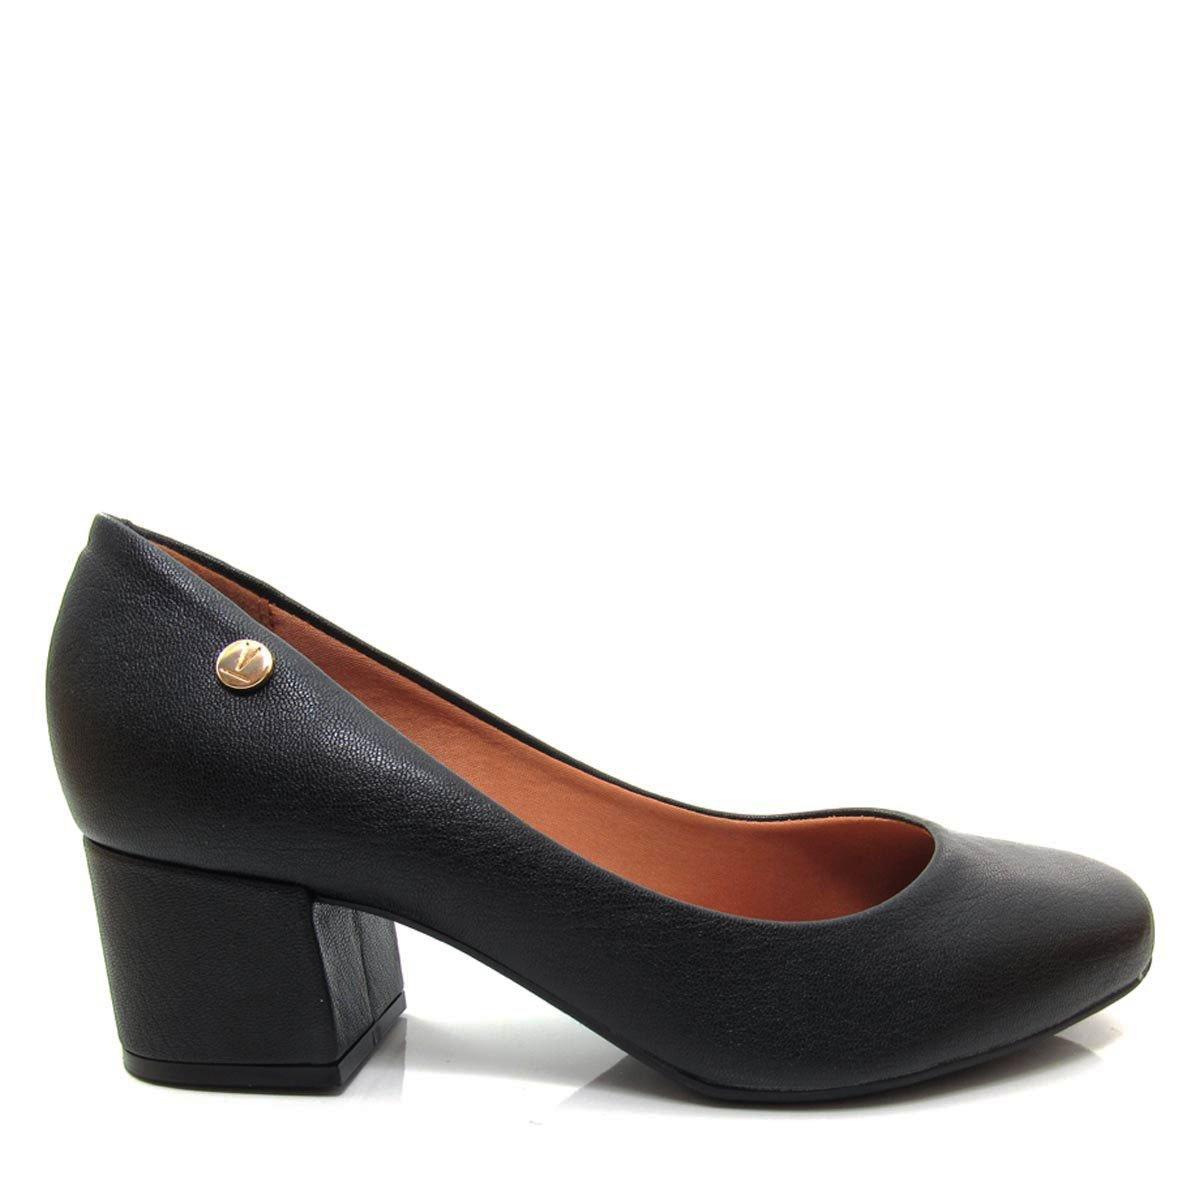 a481b0922d Sapato Scarpin Feminino Vizzano Bico Redondo 1258100 Coleção 2018